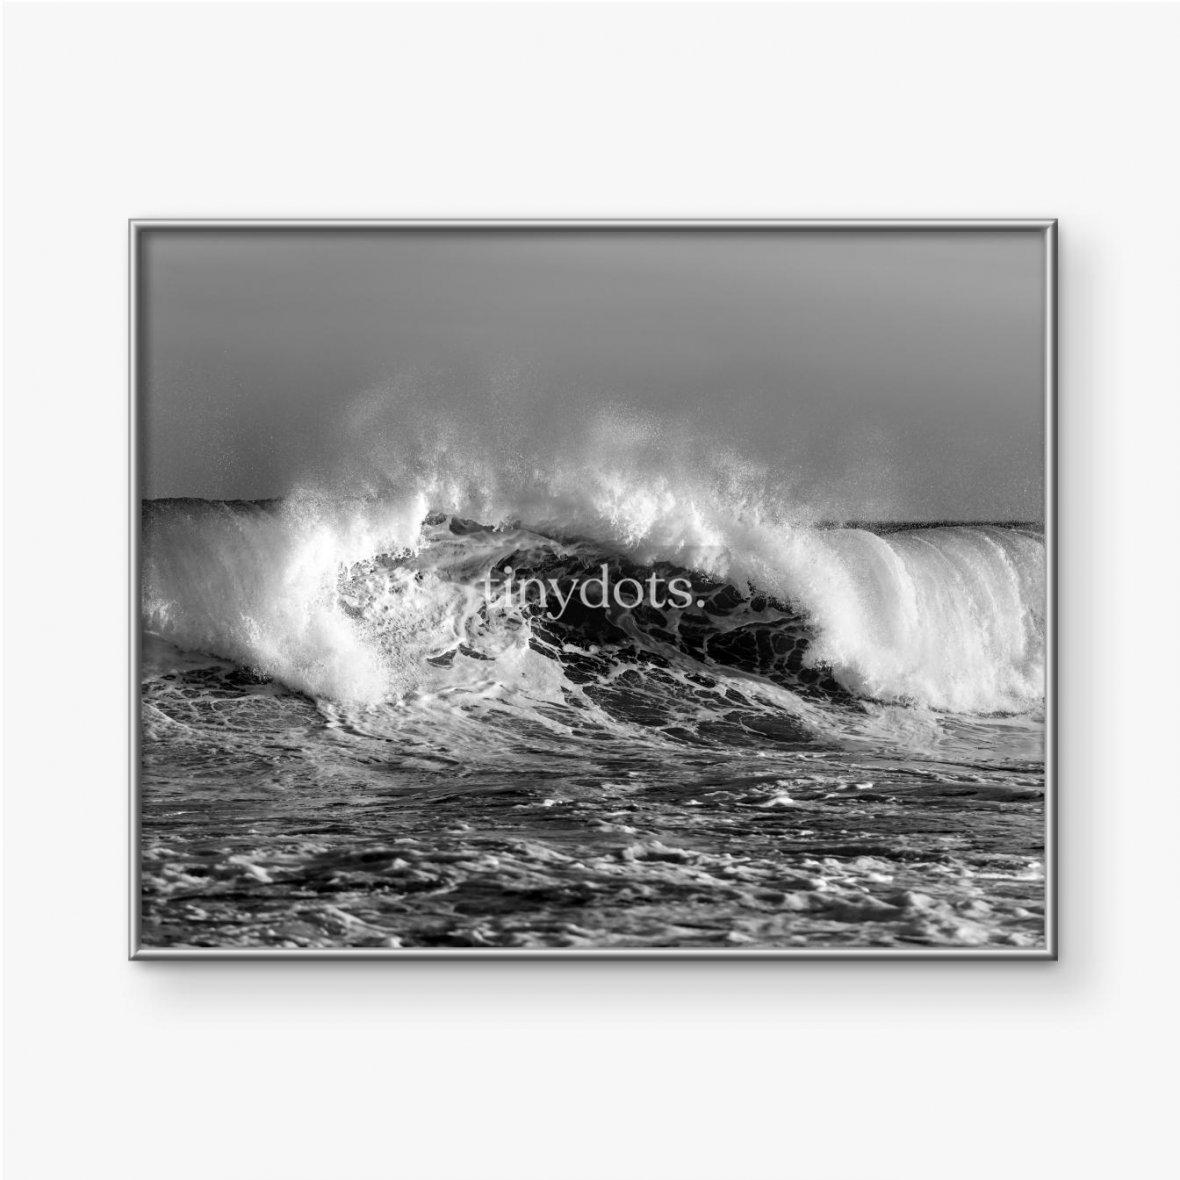 Gerahmtes Poster Schwarzweiss-Foto der Welle, Sydney Australien